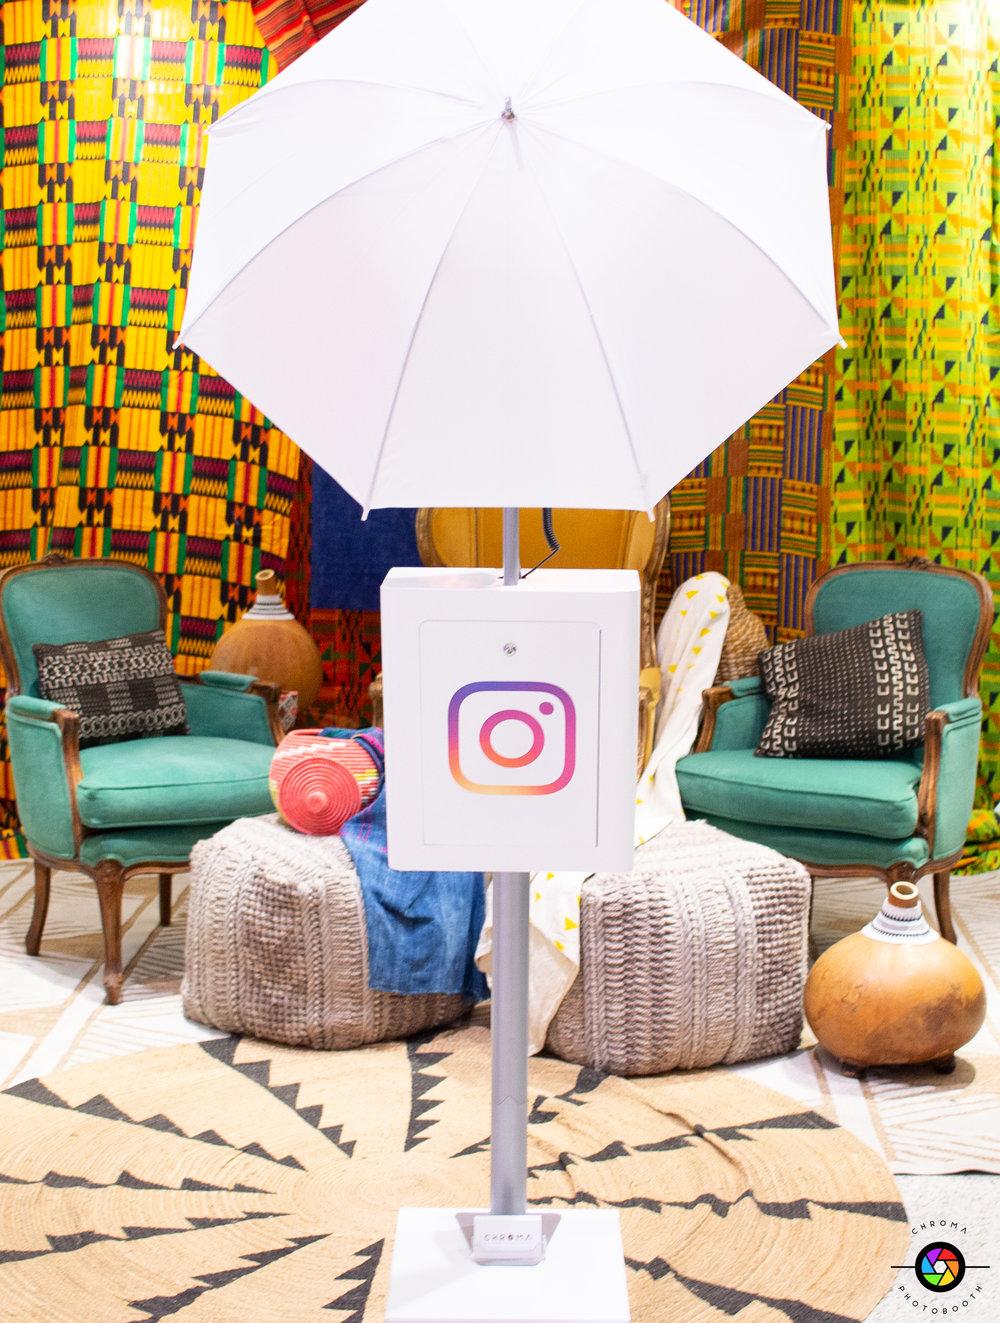 Chroma Photobooth - Instagram (1 of 1).jpg